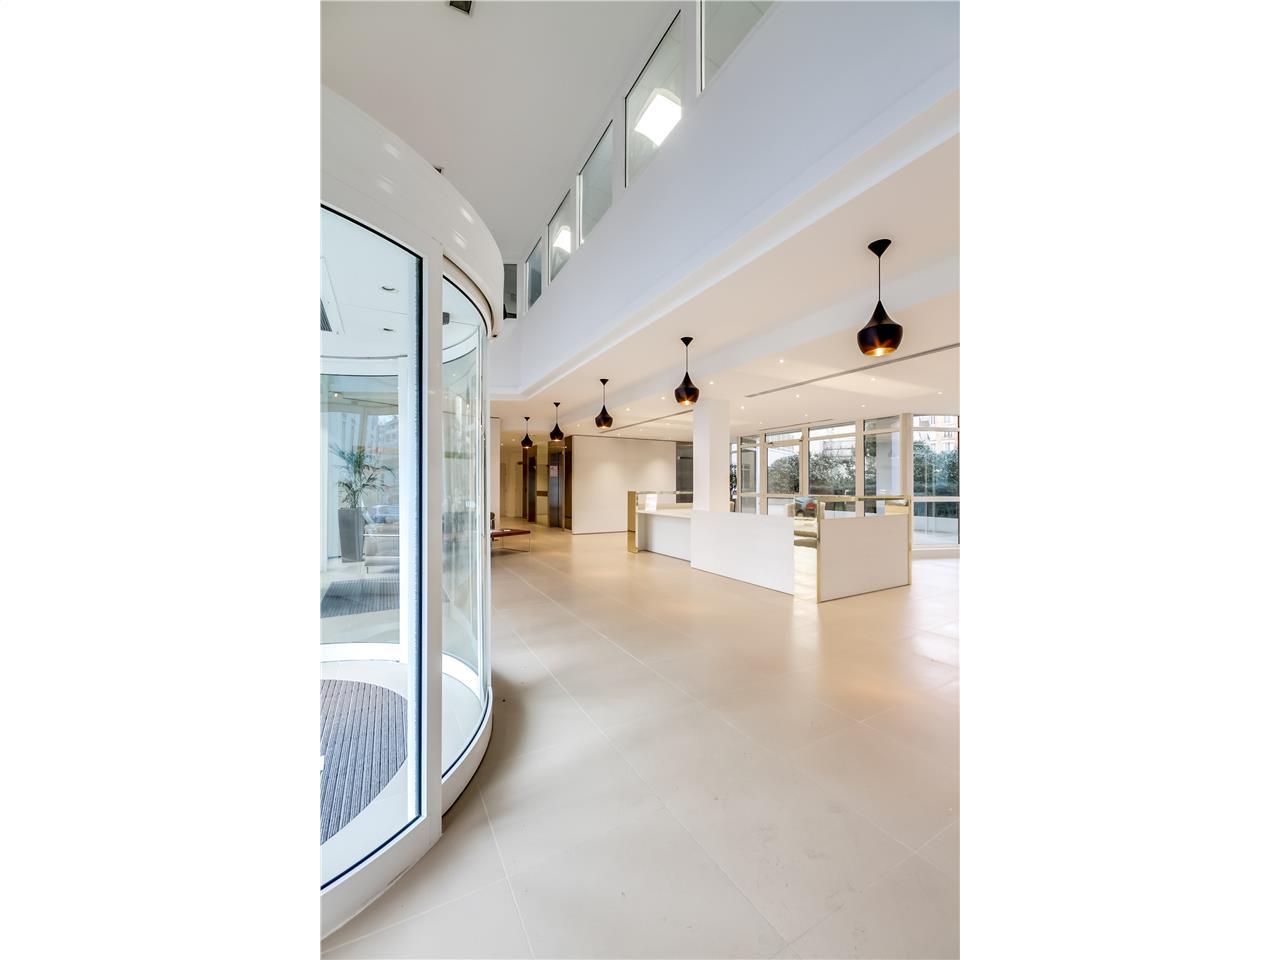 location bureaux issy les moulineaux 92130 630m2 id. Black Bedroom Furniture Sets. Home Design Ideas